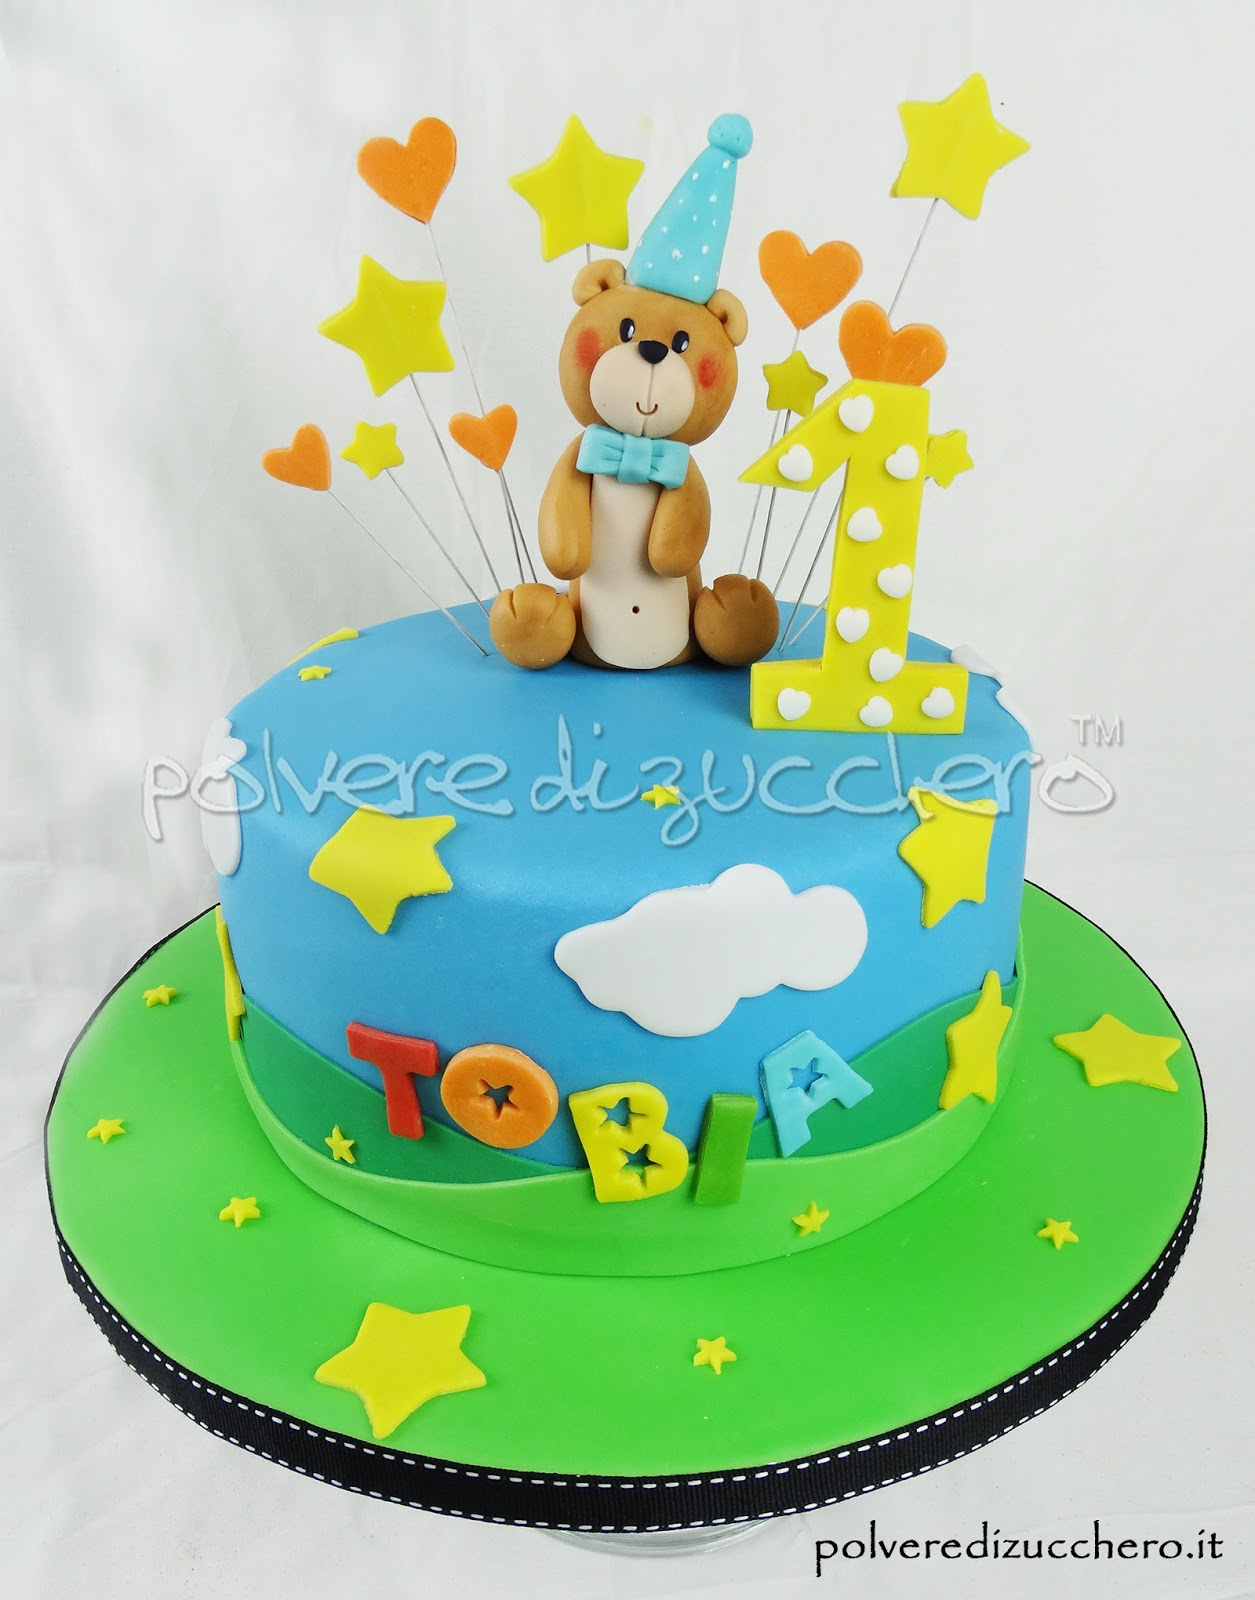 cake design torta decorata polvere di zucchero orsetto pasta di zucchero colori idea primo compleanno bimbo stelle cuori